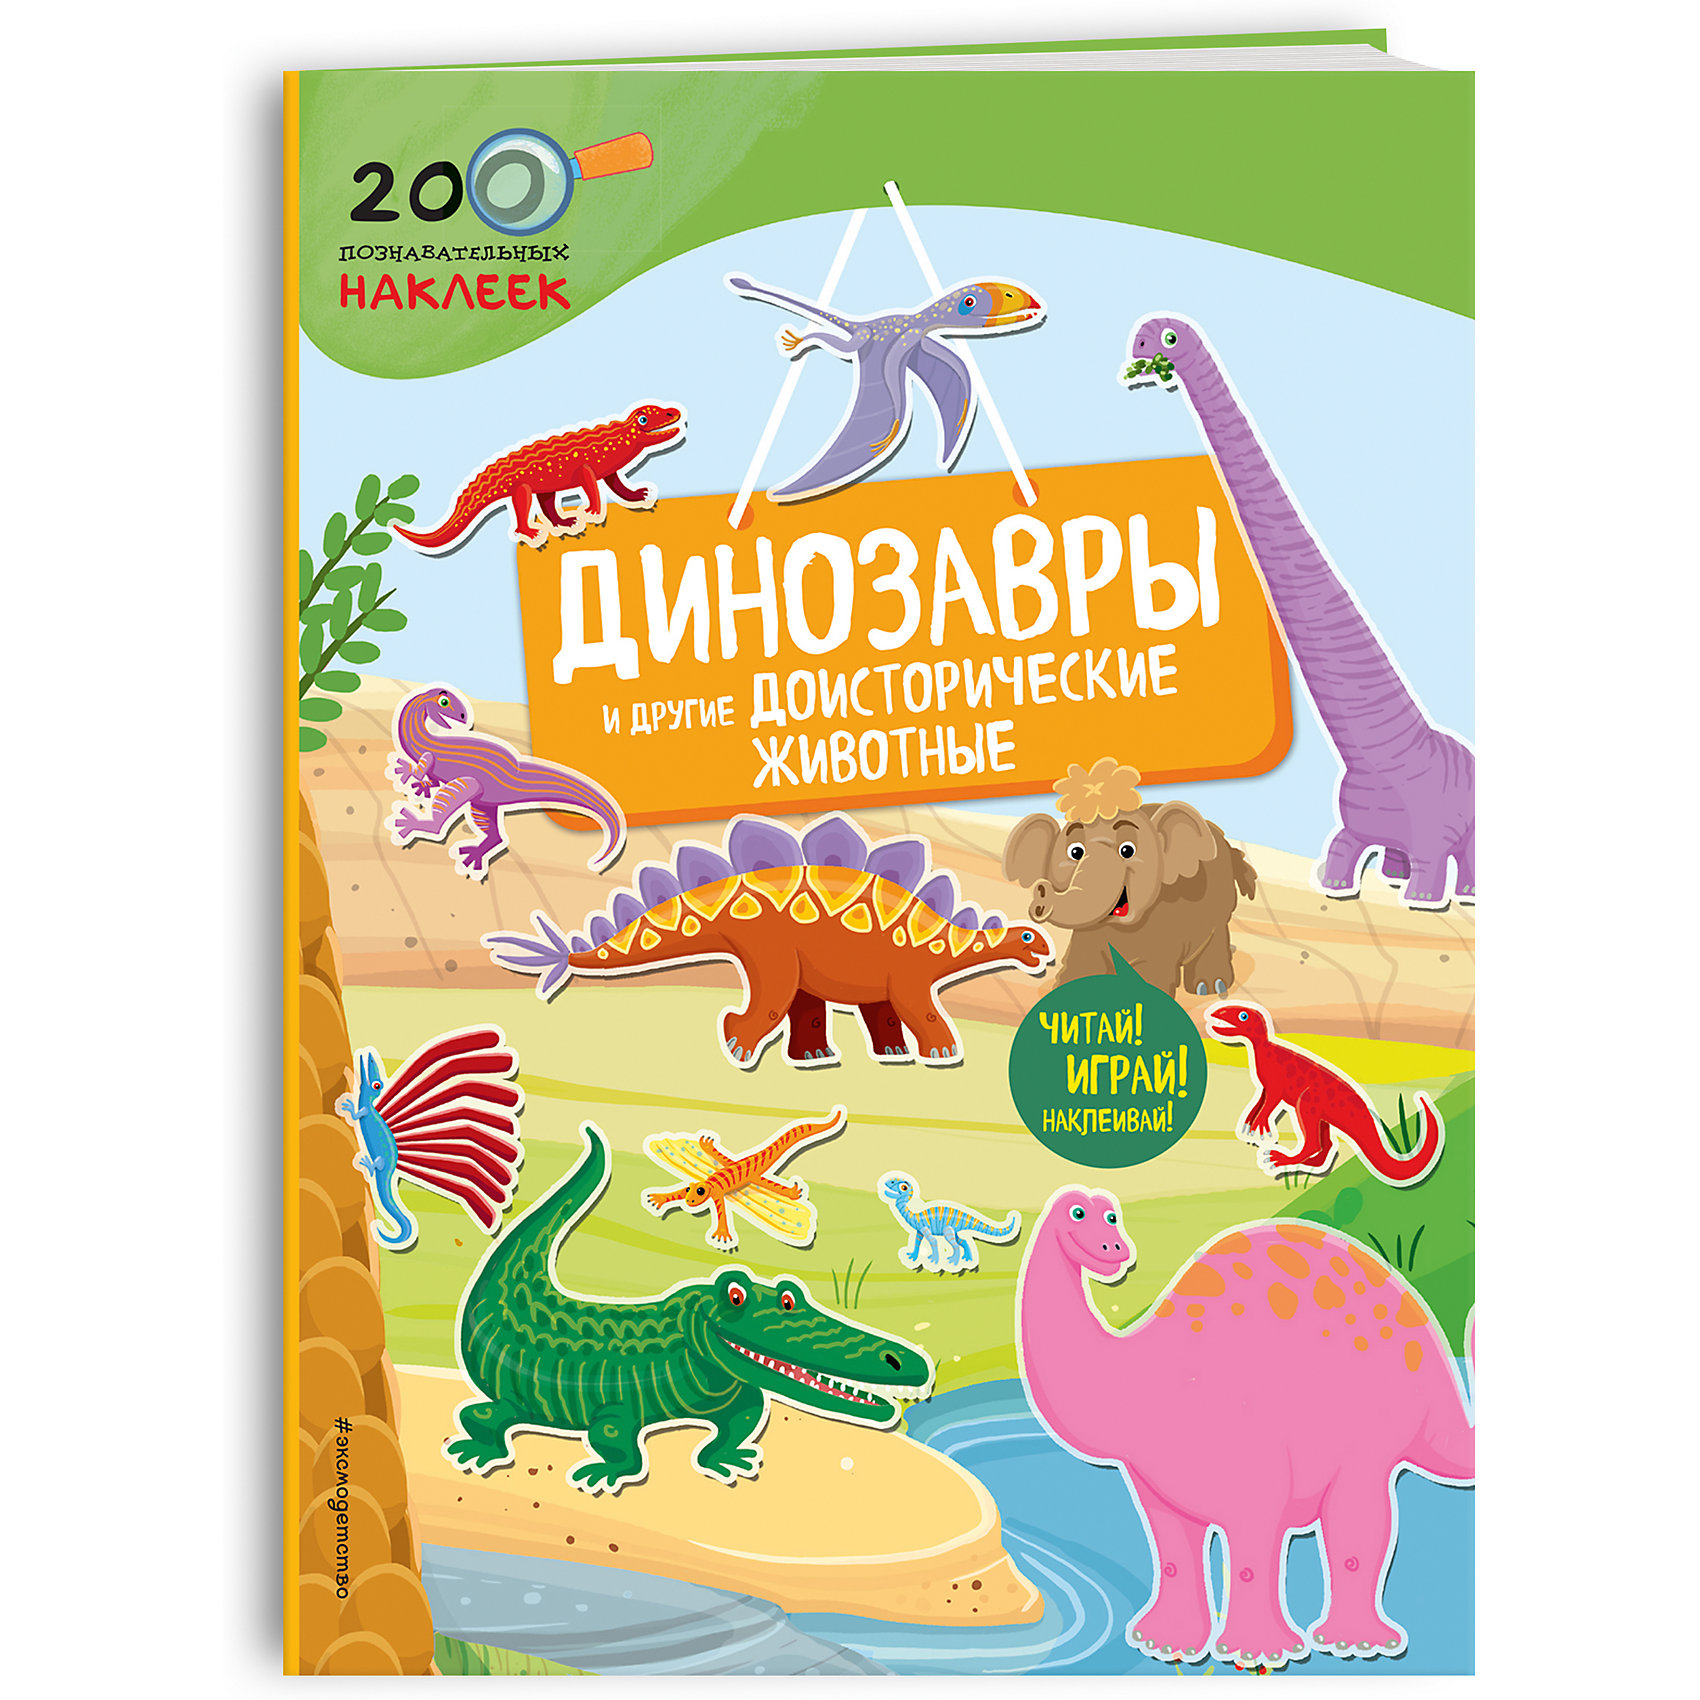 Динозавры и другие доисторические животныеЭнциклопедии про динозавров<br>Книга «Динозавры и другие доисторические животные» с наклейками станет замечательным подарком для детей! Яркие страницы книги и 200 наклеек помогут ребятам узнать всё о таинственном мире динозавров! В пути их будет сопровождать персональный гид – мамонтенок Элмо. А в конце книги малышей будет ждать фантастический тест, с помощью которого они смогут проверить полученные знания.<br><br>Ширина мм: 310<br>Глубина мм: 230<br>Высота мм: 20<br>Вес г: 240<br>Возраст от месяцев: 72<br>Возраст до месяцев: 96<br>Пол: Унисекс<br>Возраст: Детский<br>SKU: 6877974